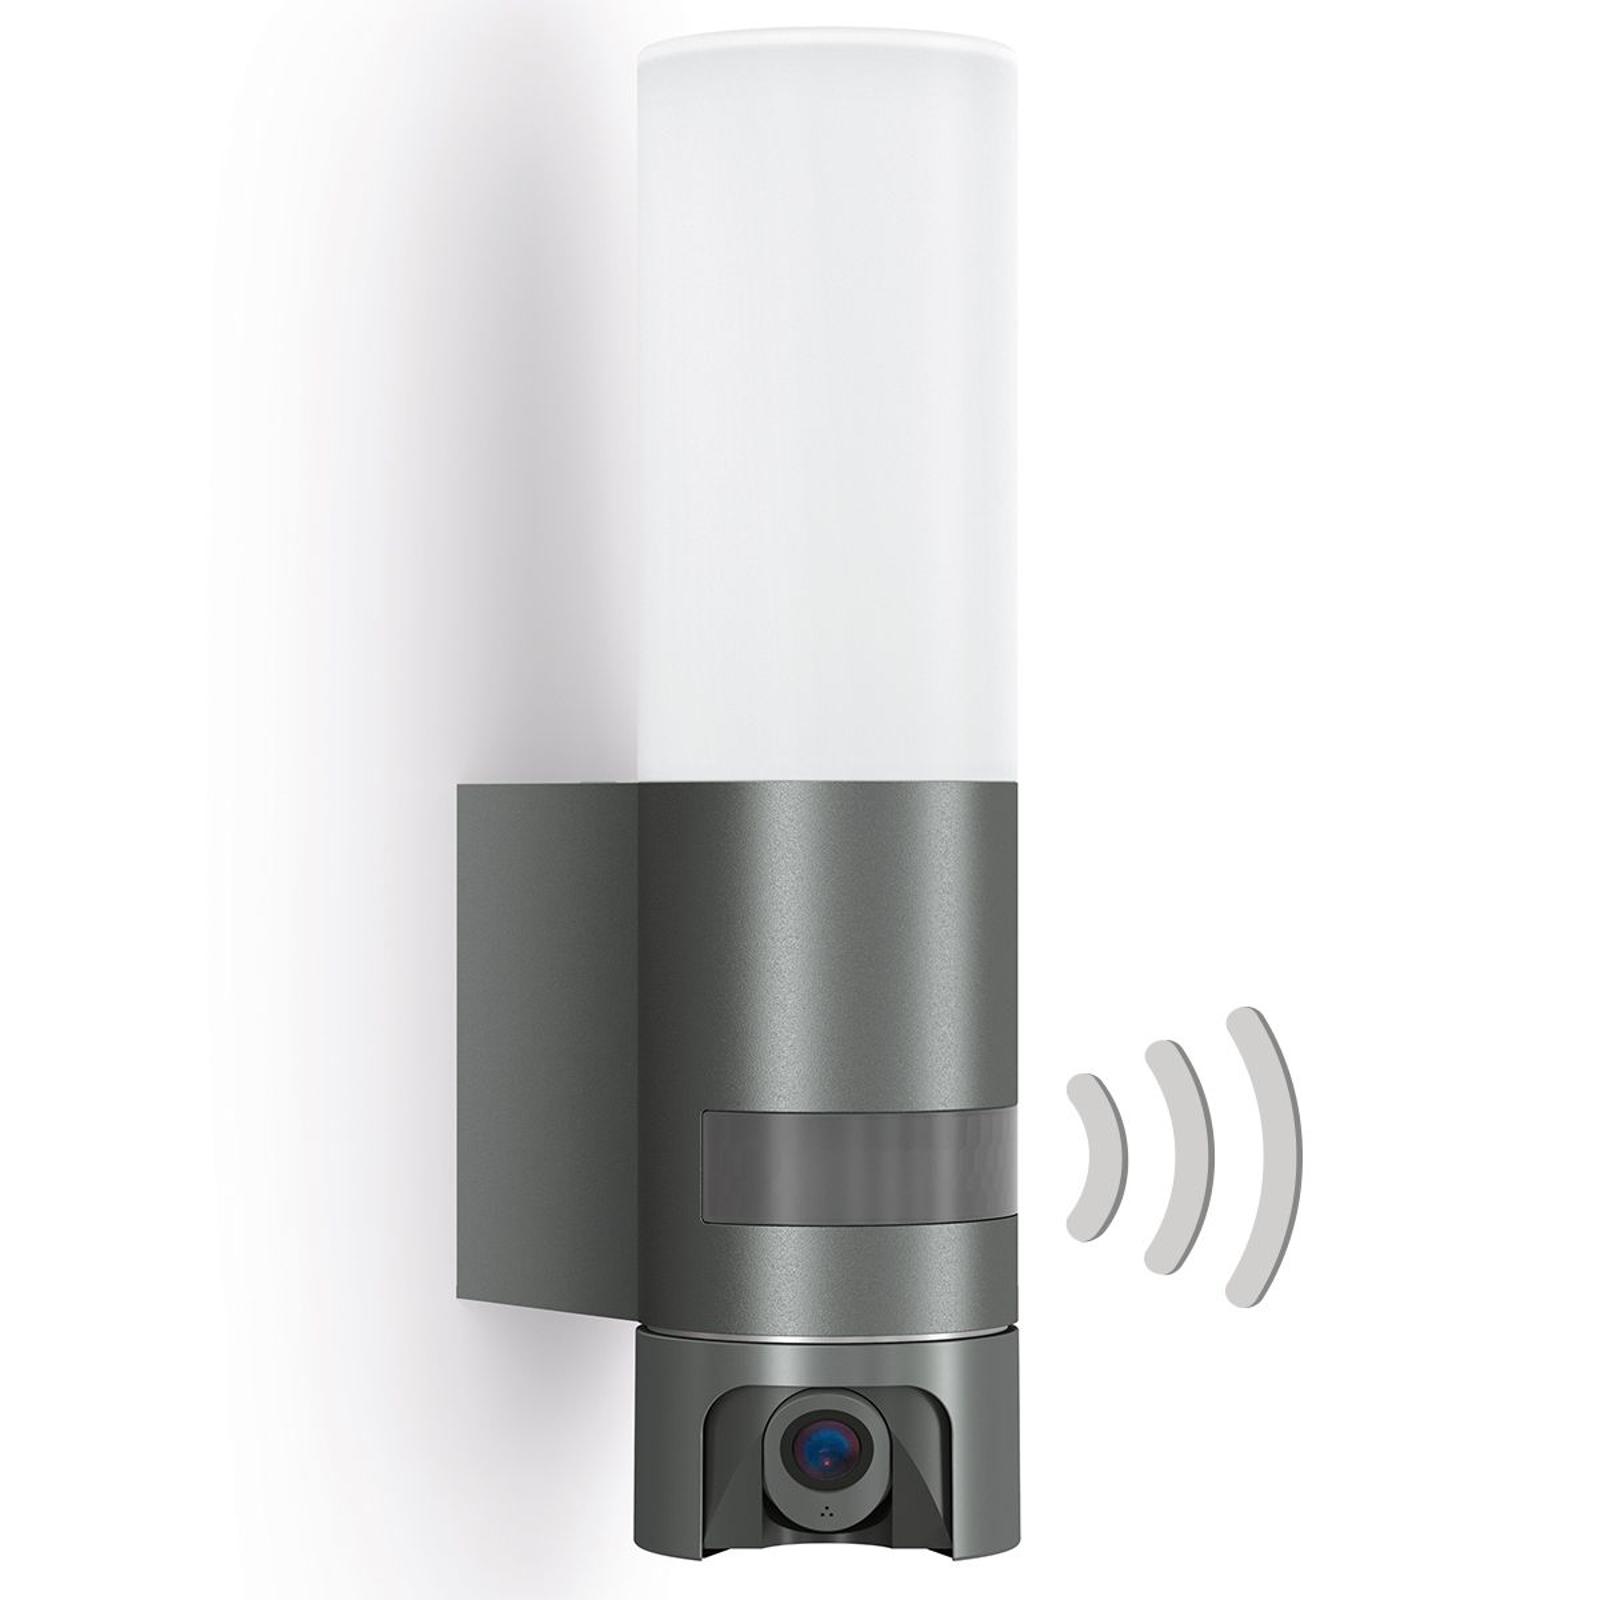 Kinkiet zewnętrzny LED L 620 Cam, antracyt